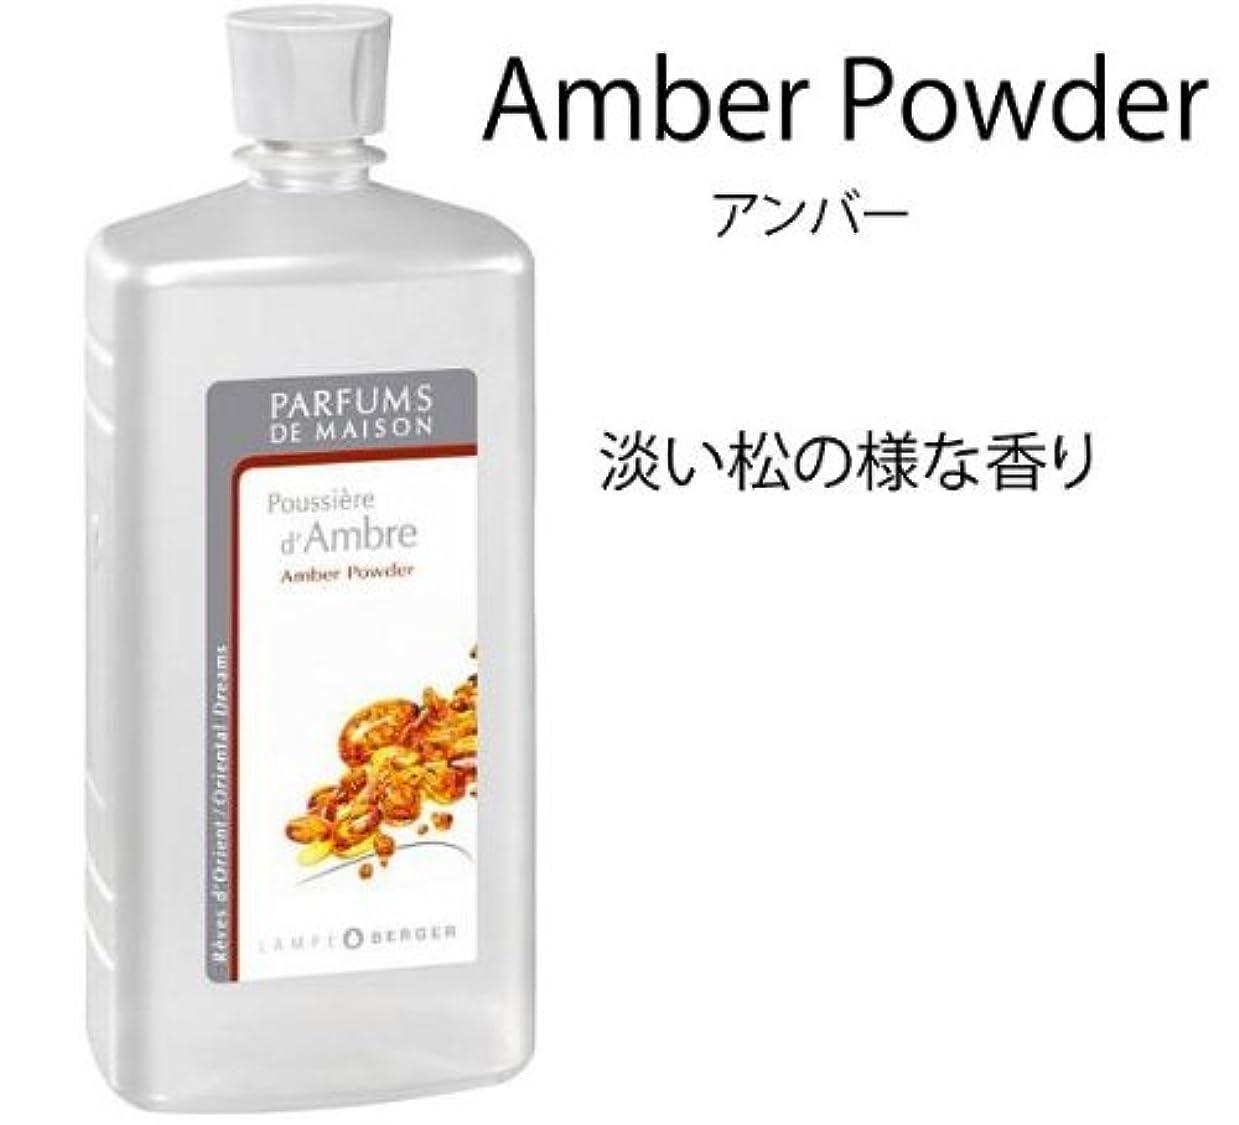 ボスポジション田舎【LAMP BERGER】France1000ml/Aroma Oil●Amber Powder●アンバー